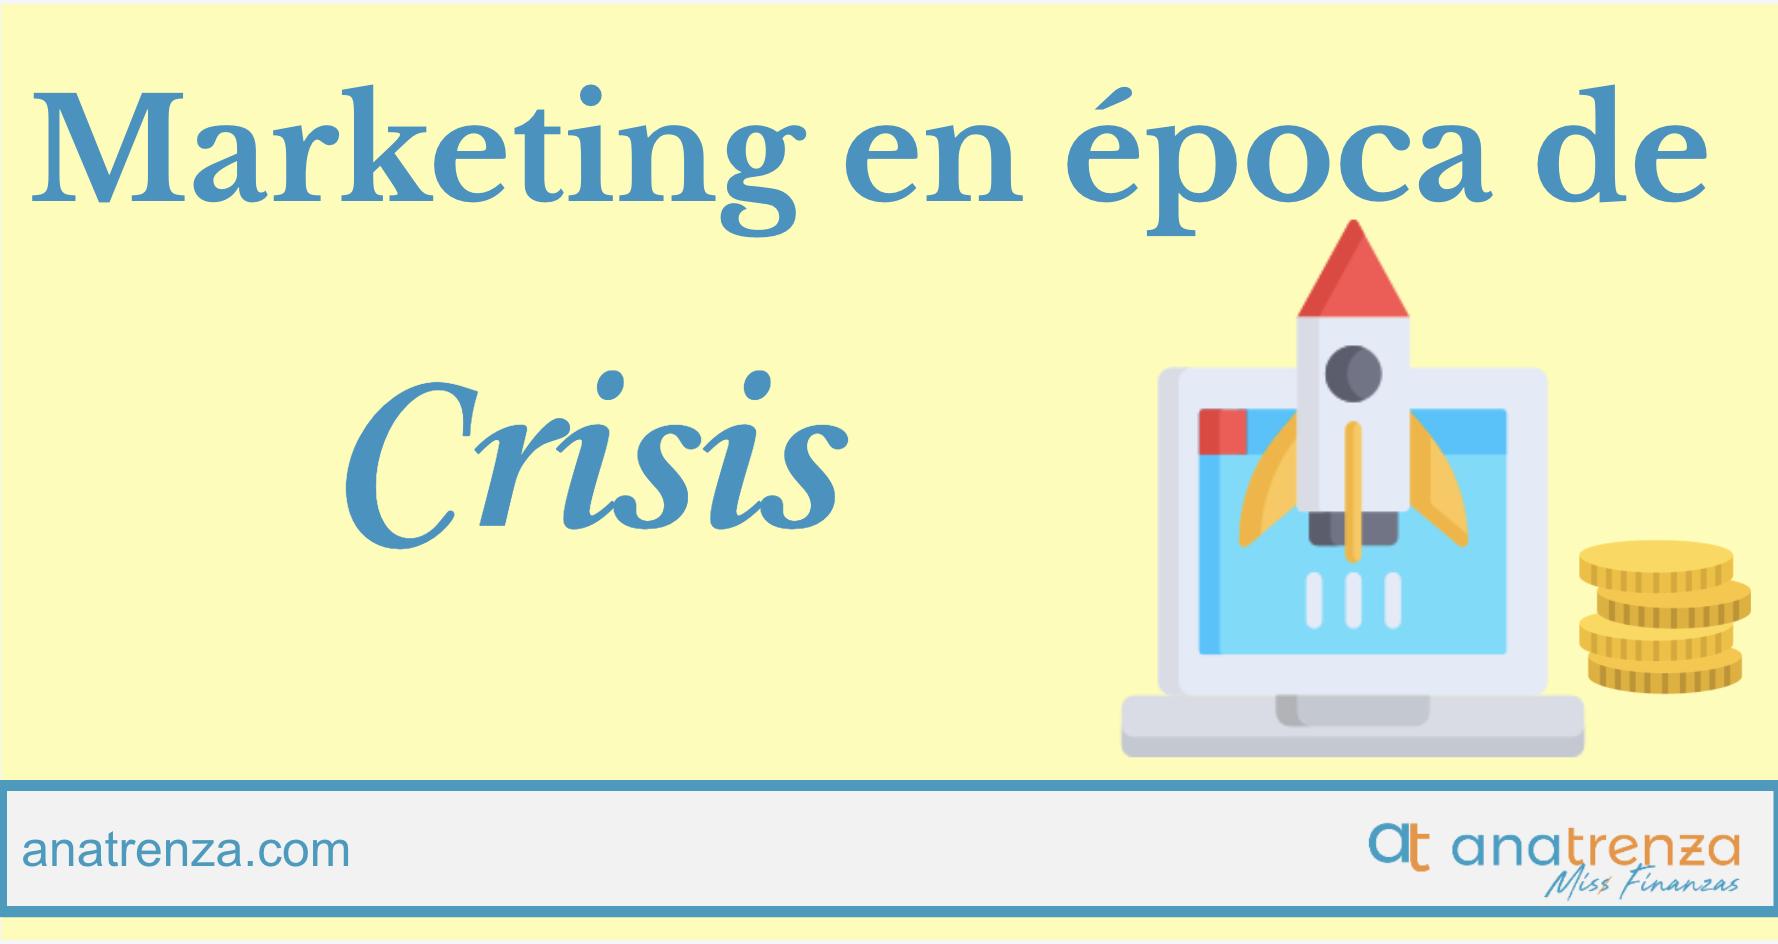 MARKETING EN ÉPOCA DE CRISIS